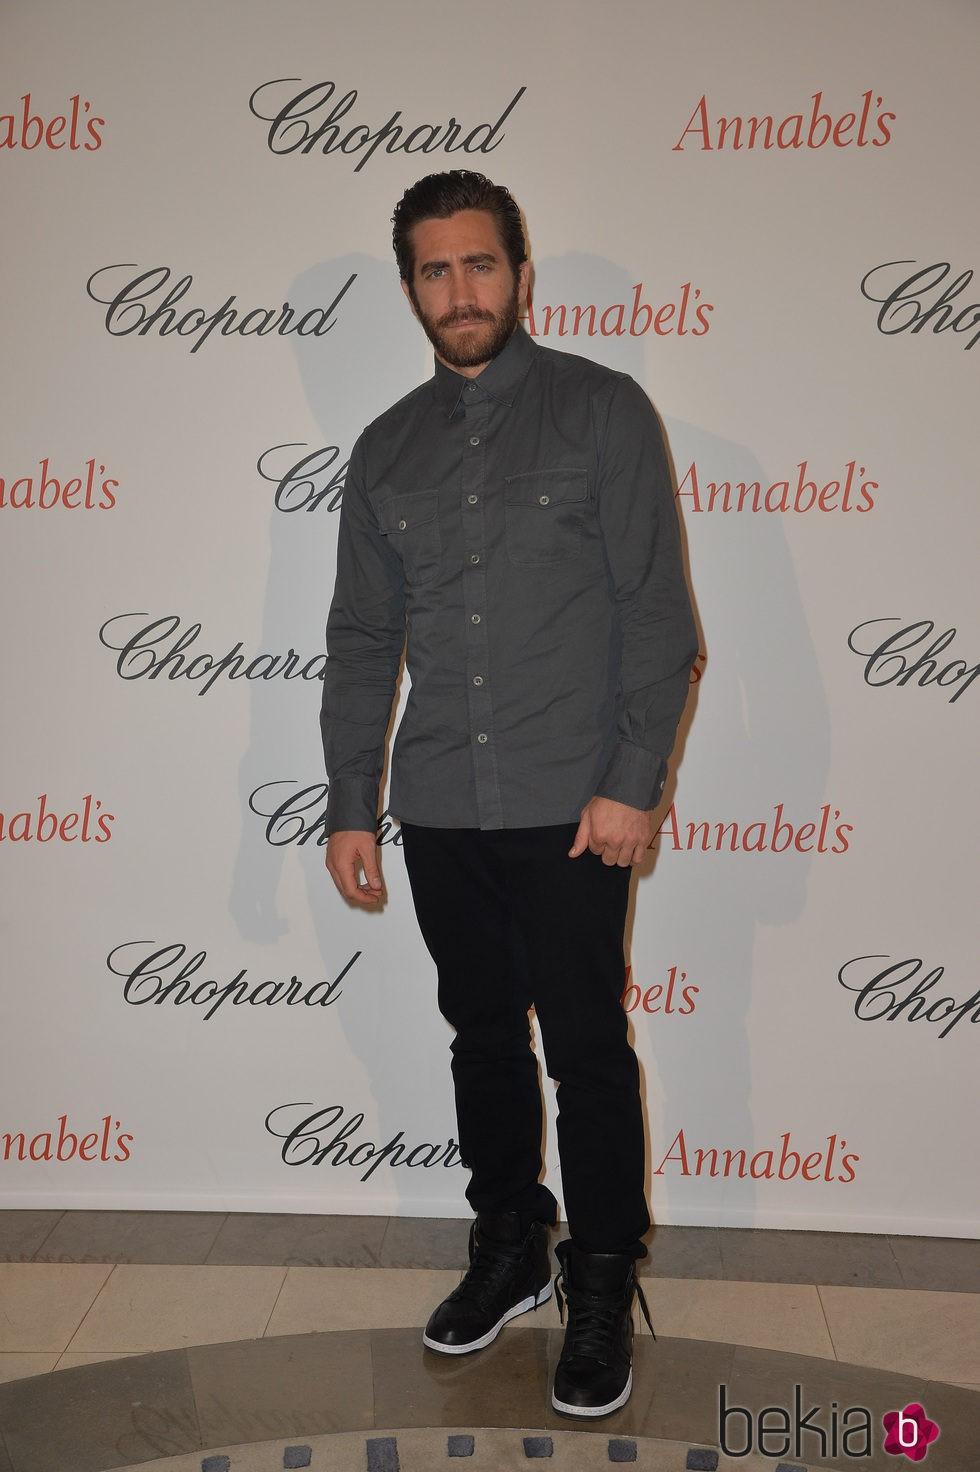 Jake Gyllenhaal en la fiesta Chopard Annabel's del Festival de Cannes 2015